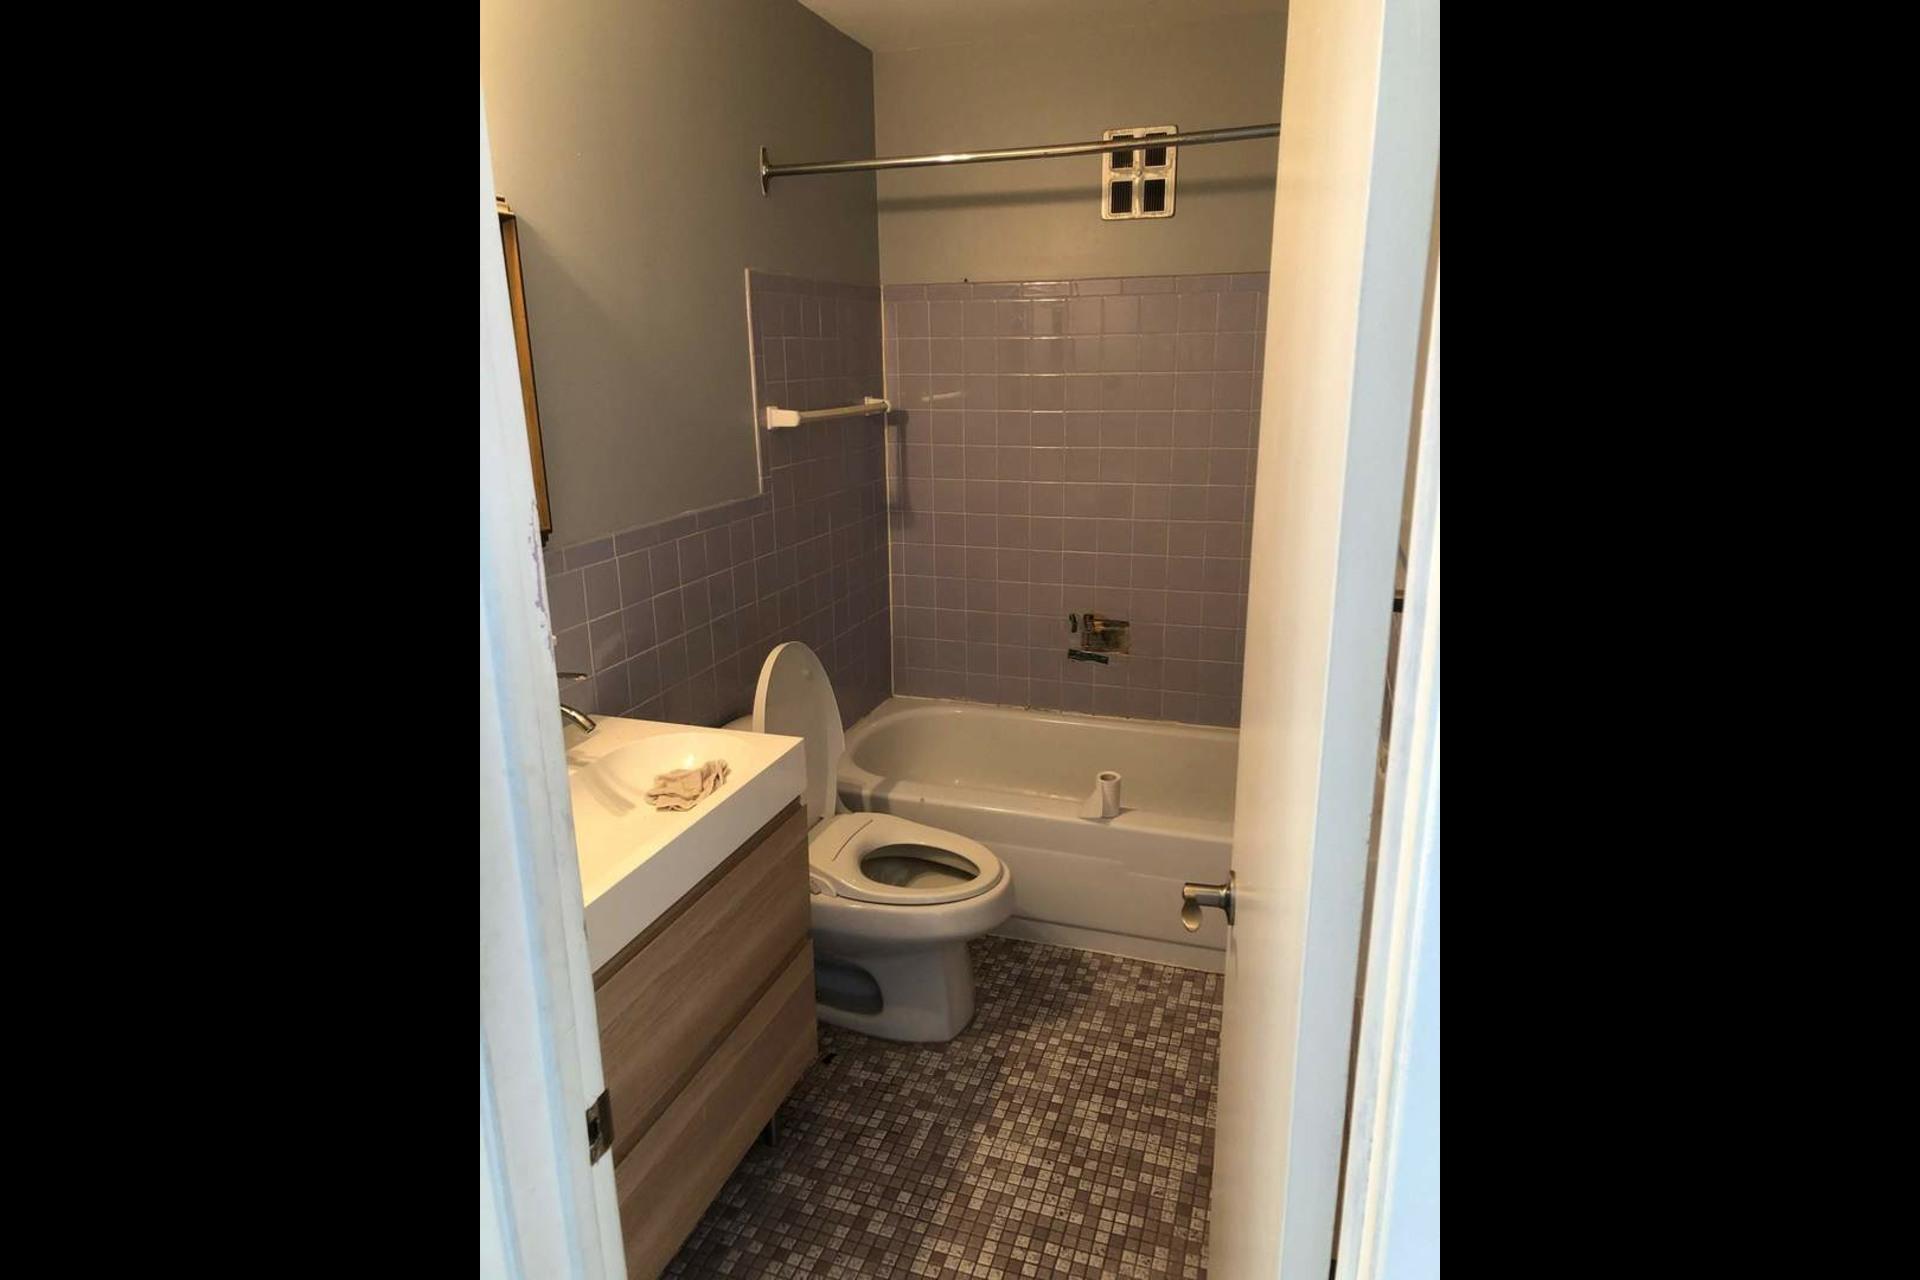 image 4 - Apartment For rent Montréal Montréal-Nord - 5 rooms